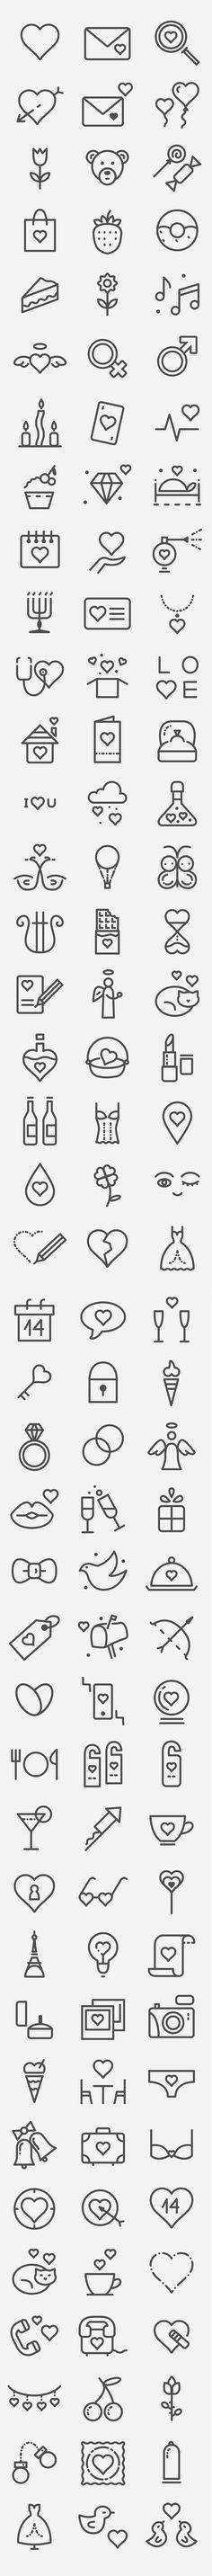 발렌타인데이 아이콘 120개 .AI